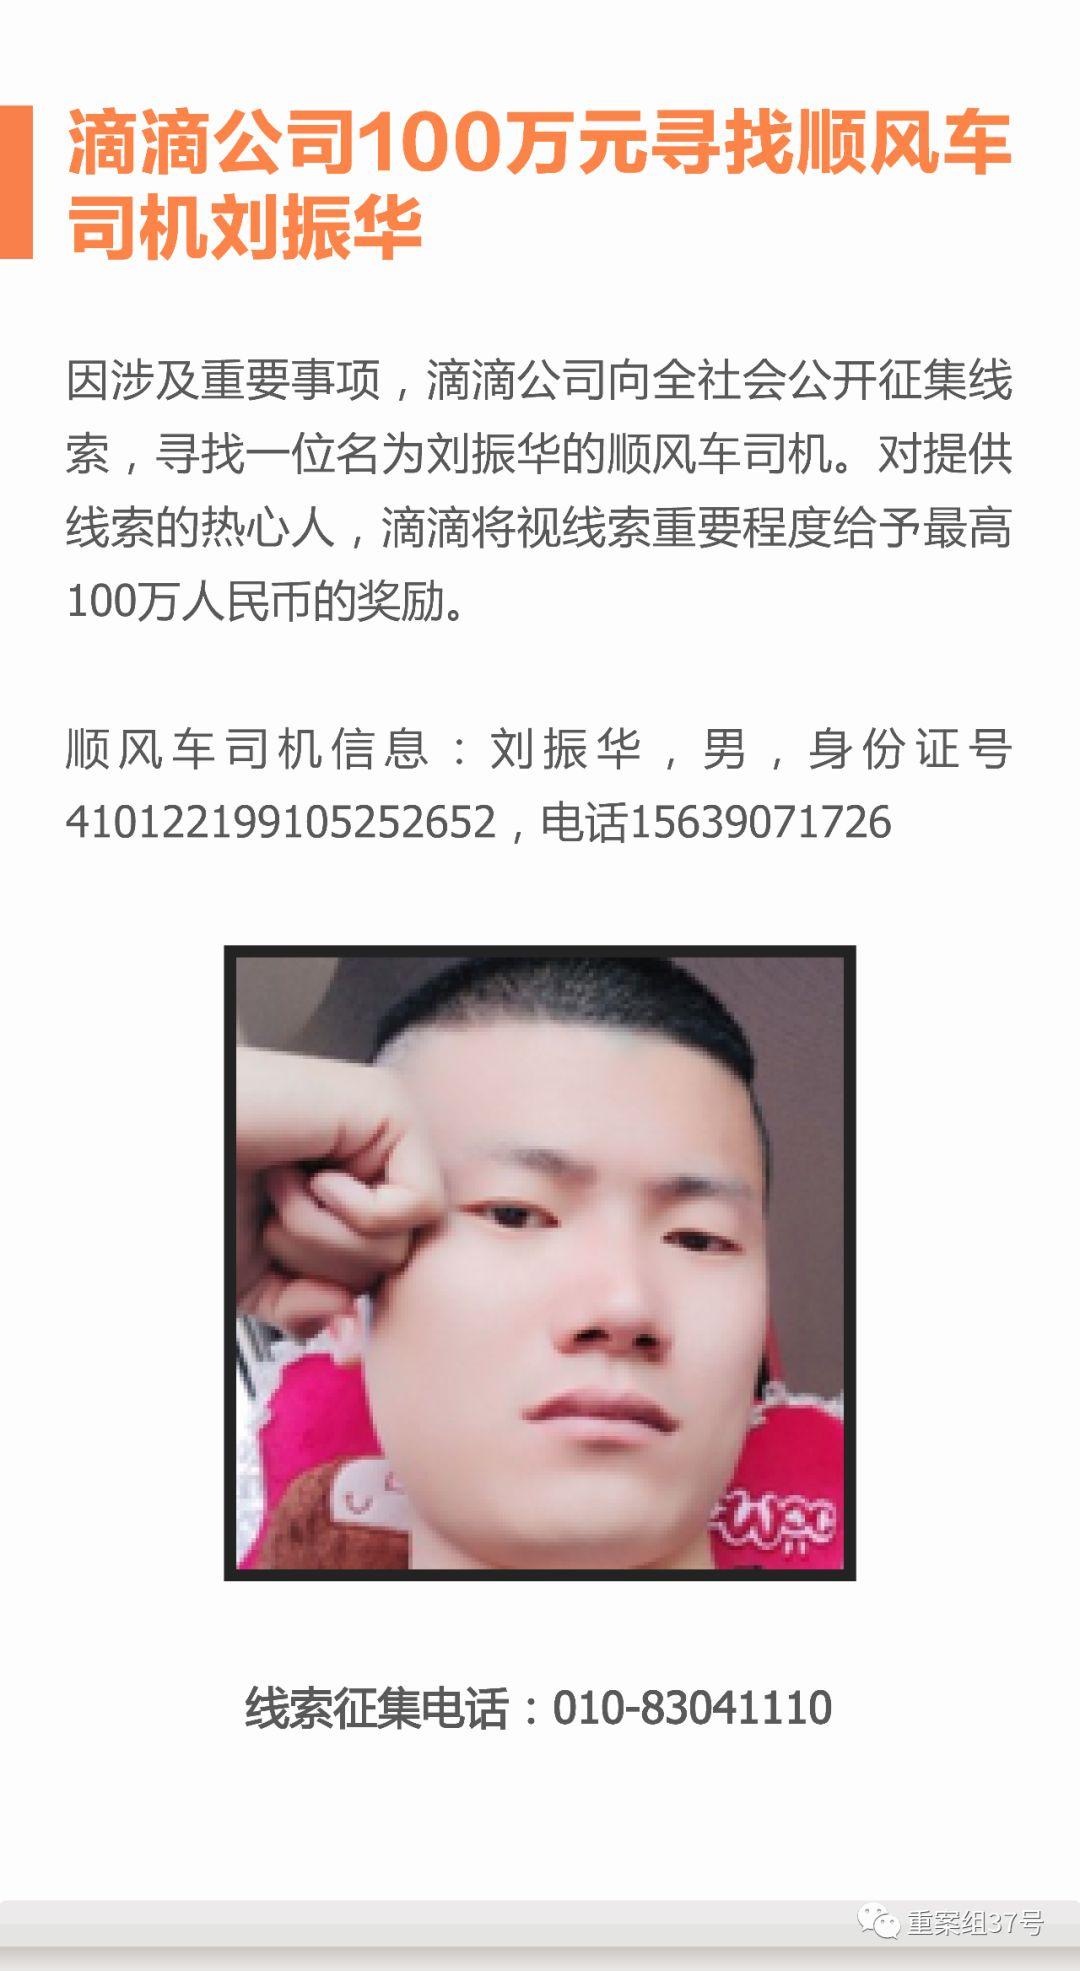 ▲滴滴公司100万元寻找顺风车司机刘振华。